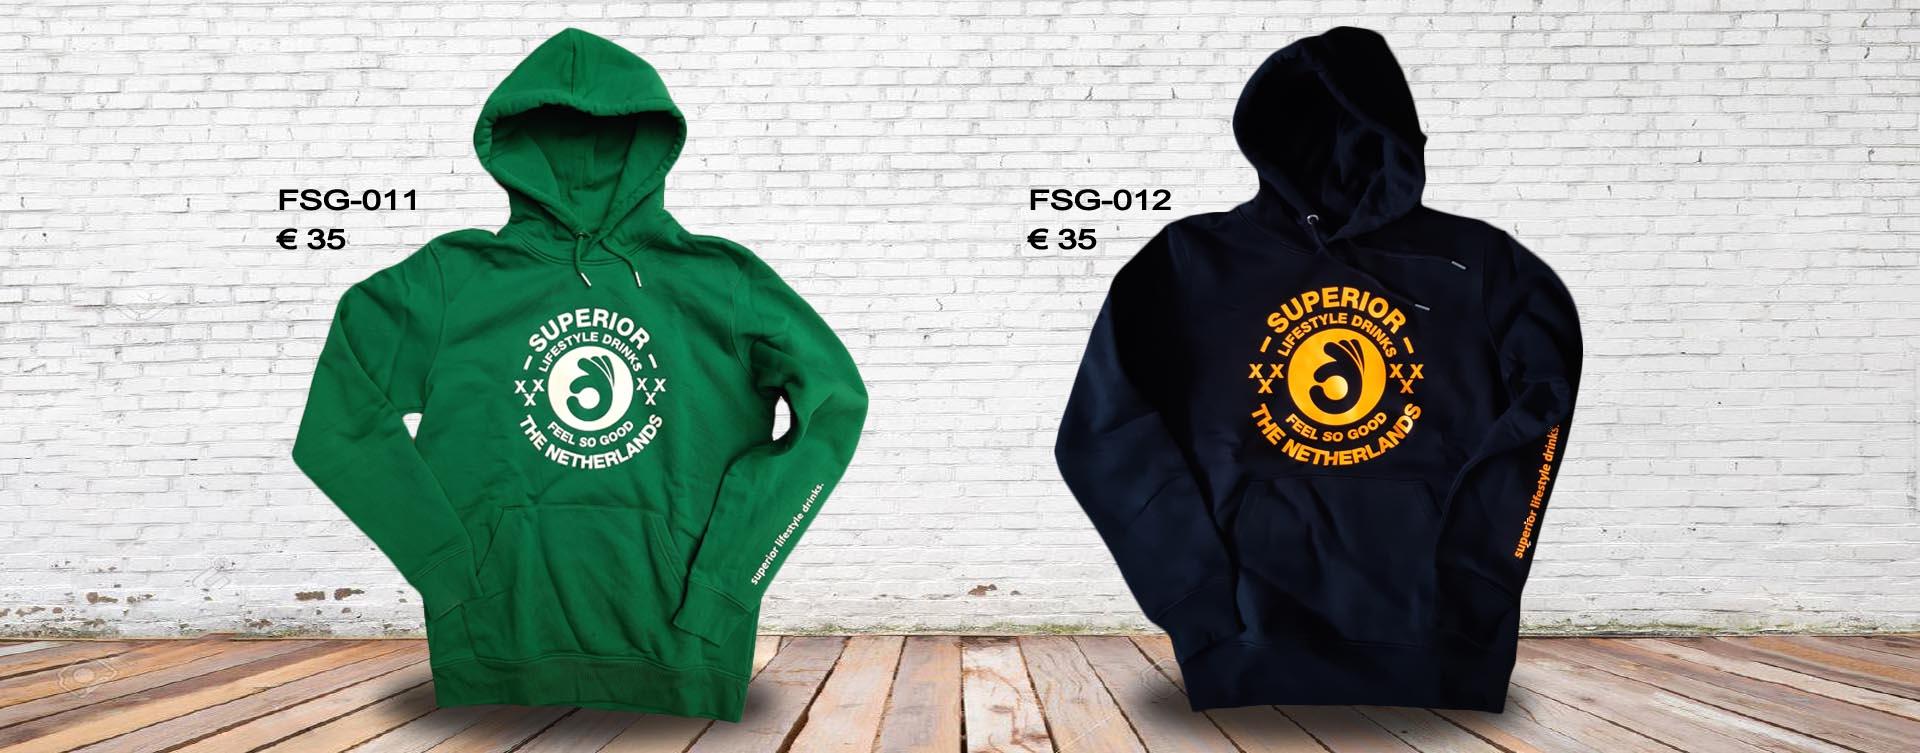 Feel so good hoodies4